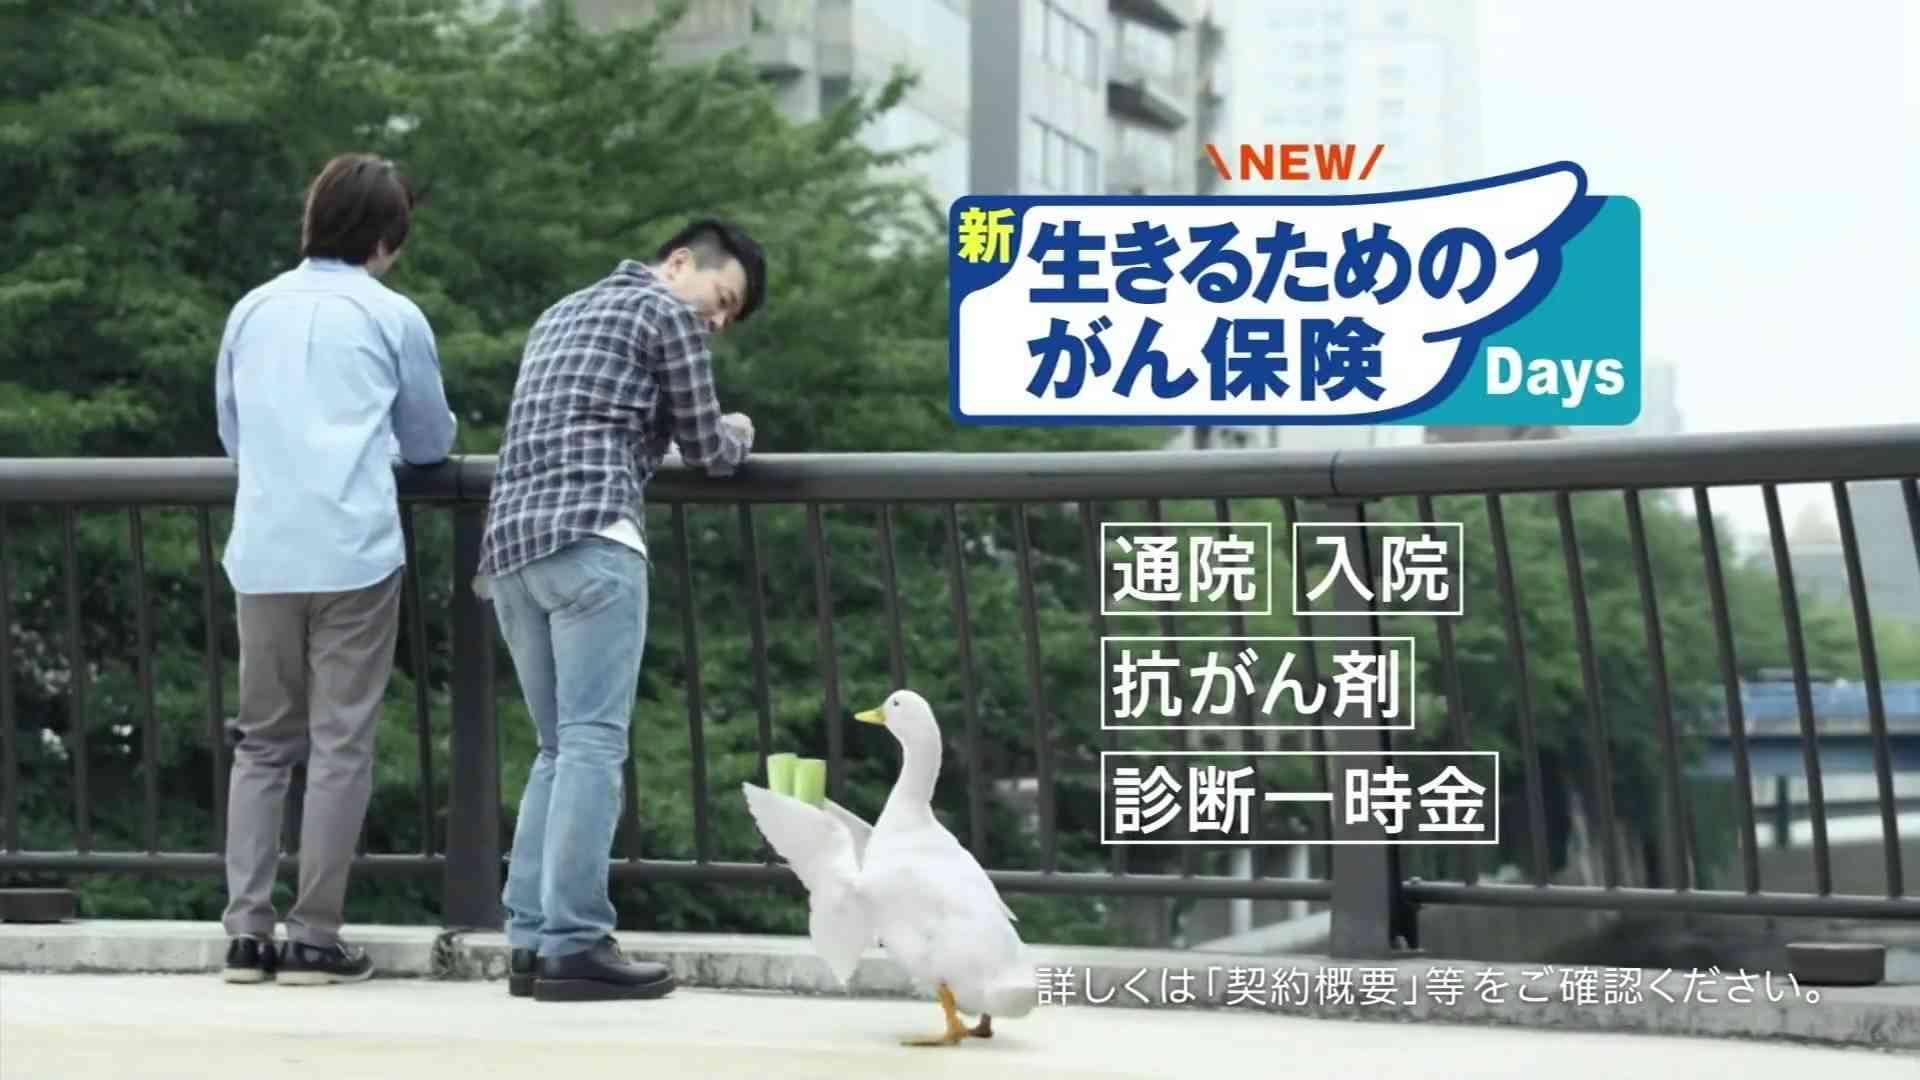 アフラック 「がん保険を、話そう。宮迫さん」櫻井翔 宮迫博之 - YouTube